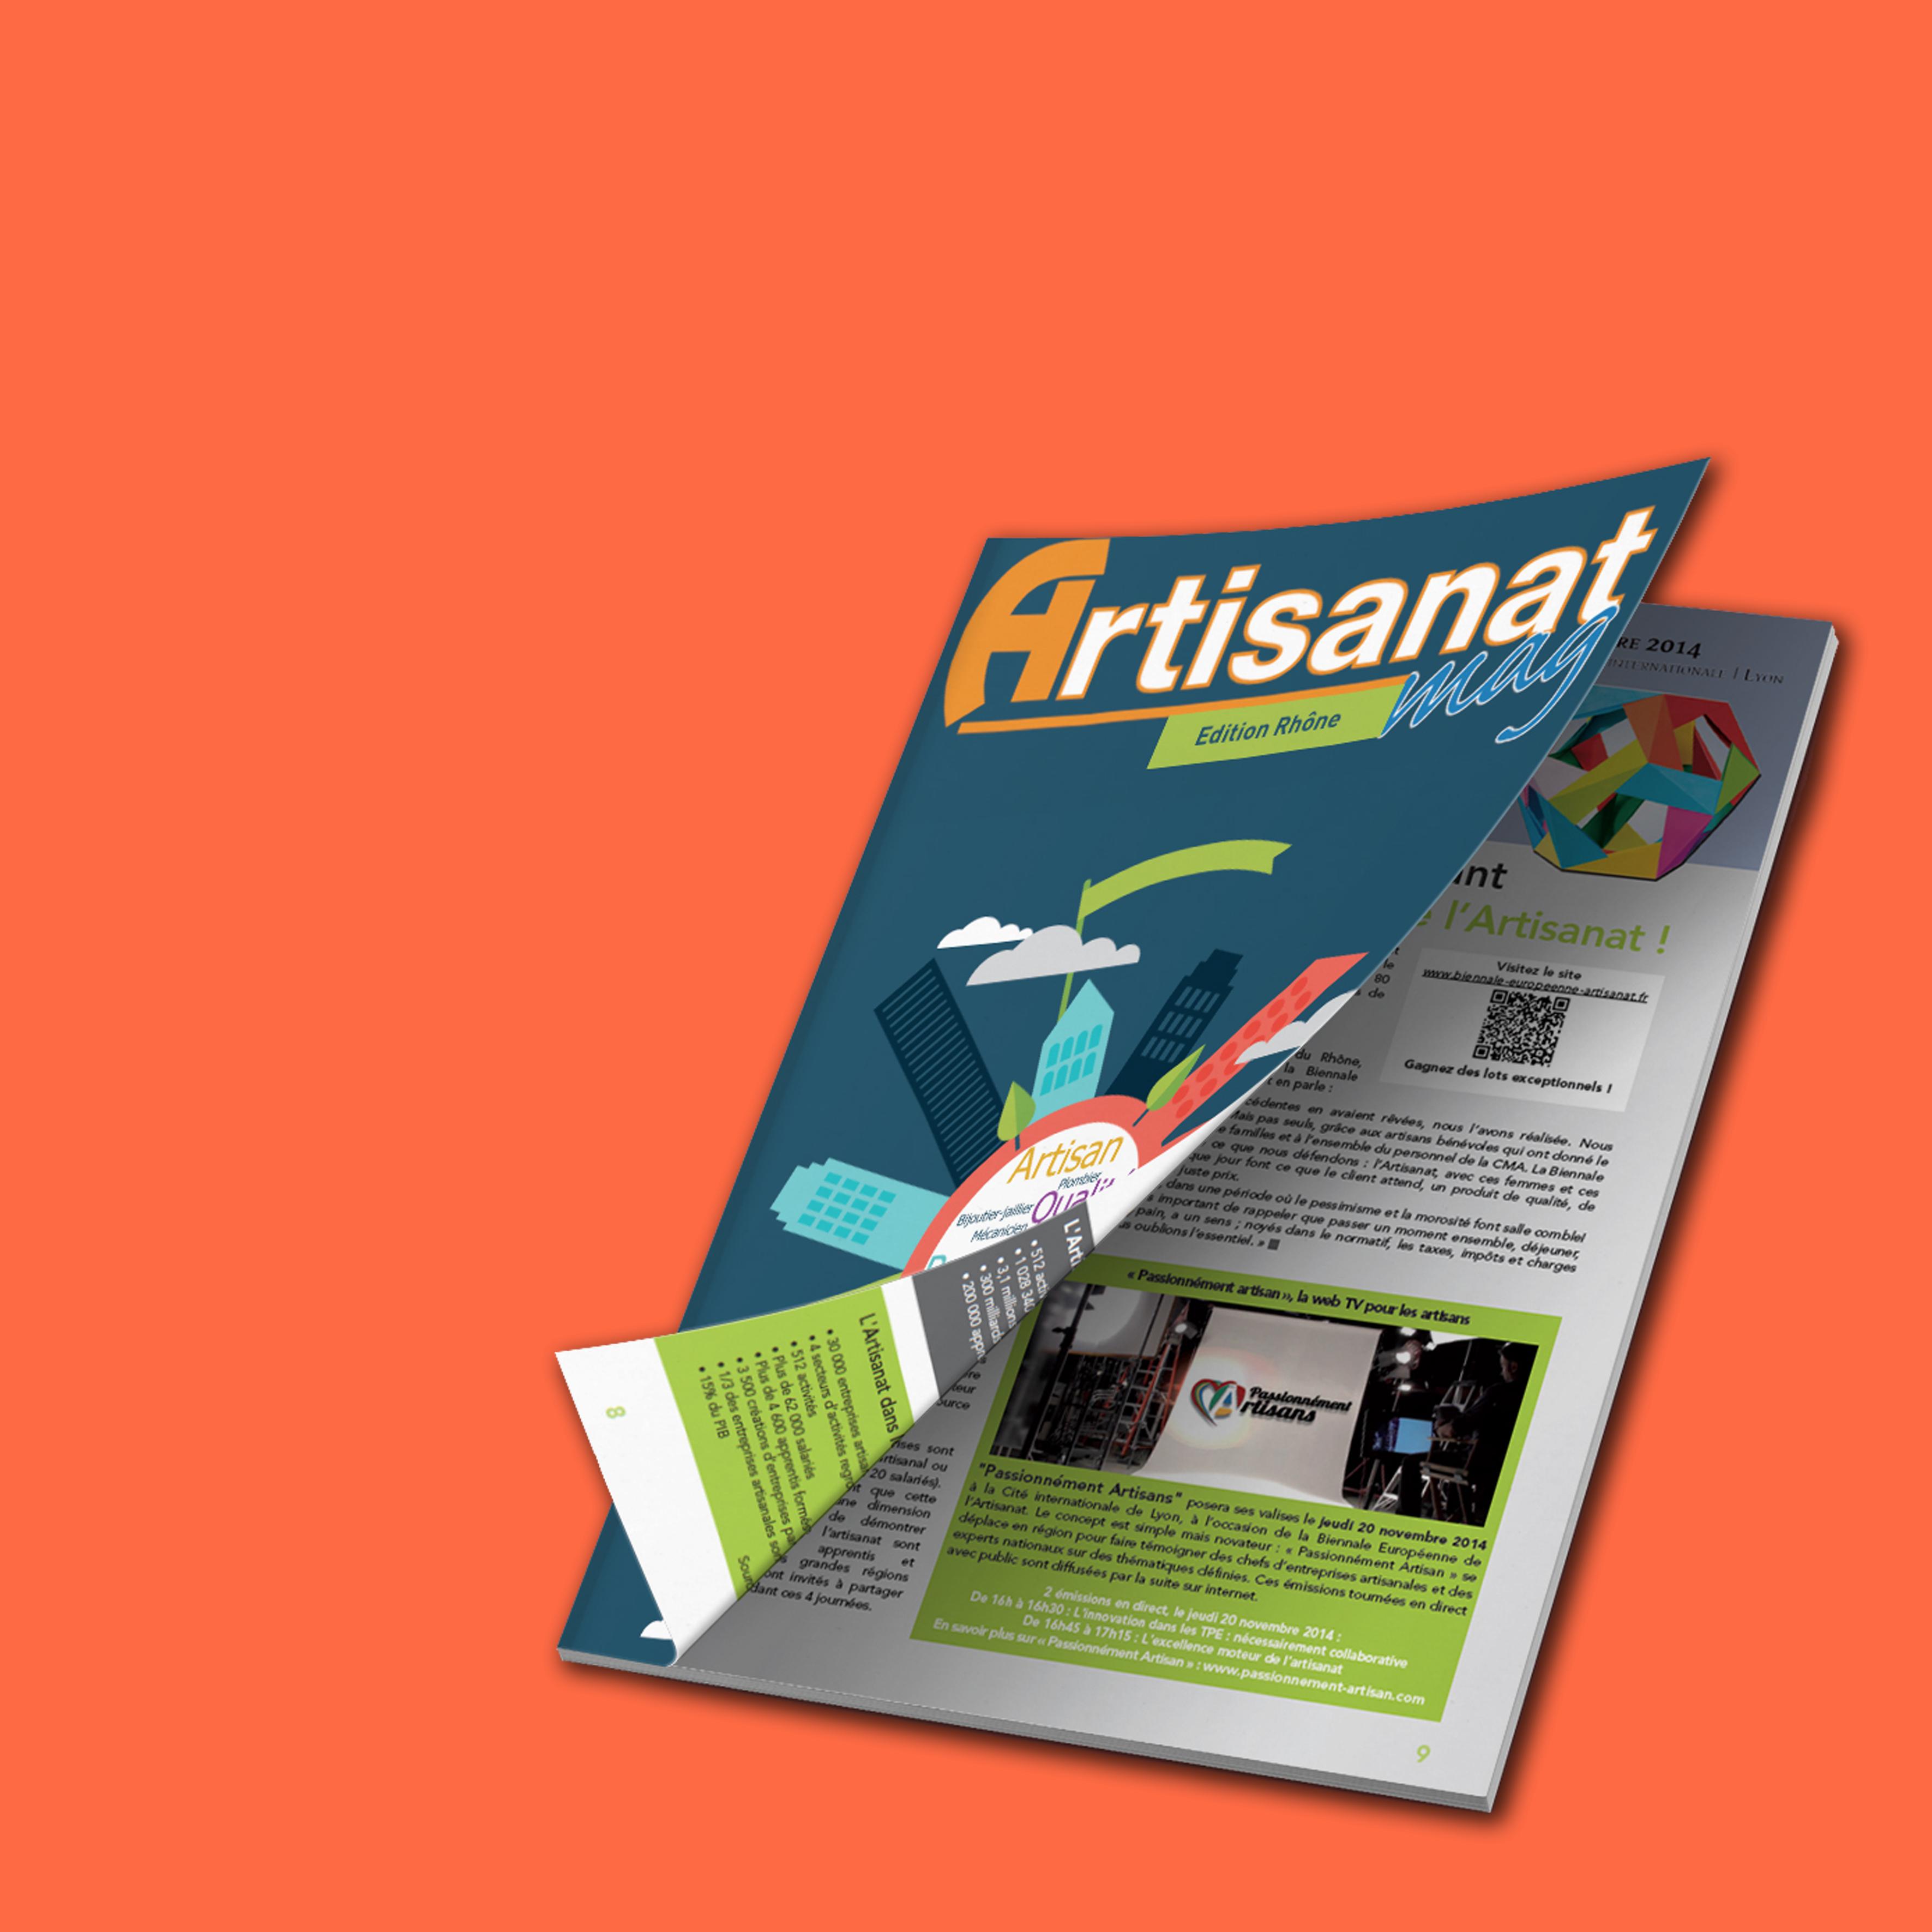 Magazine d'Artisanat - Charlotte Pargue